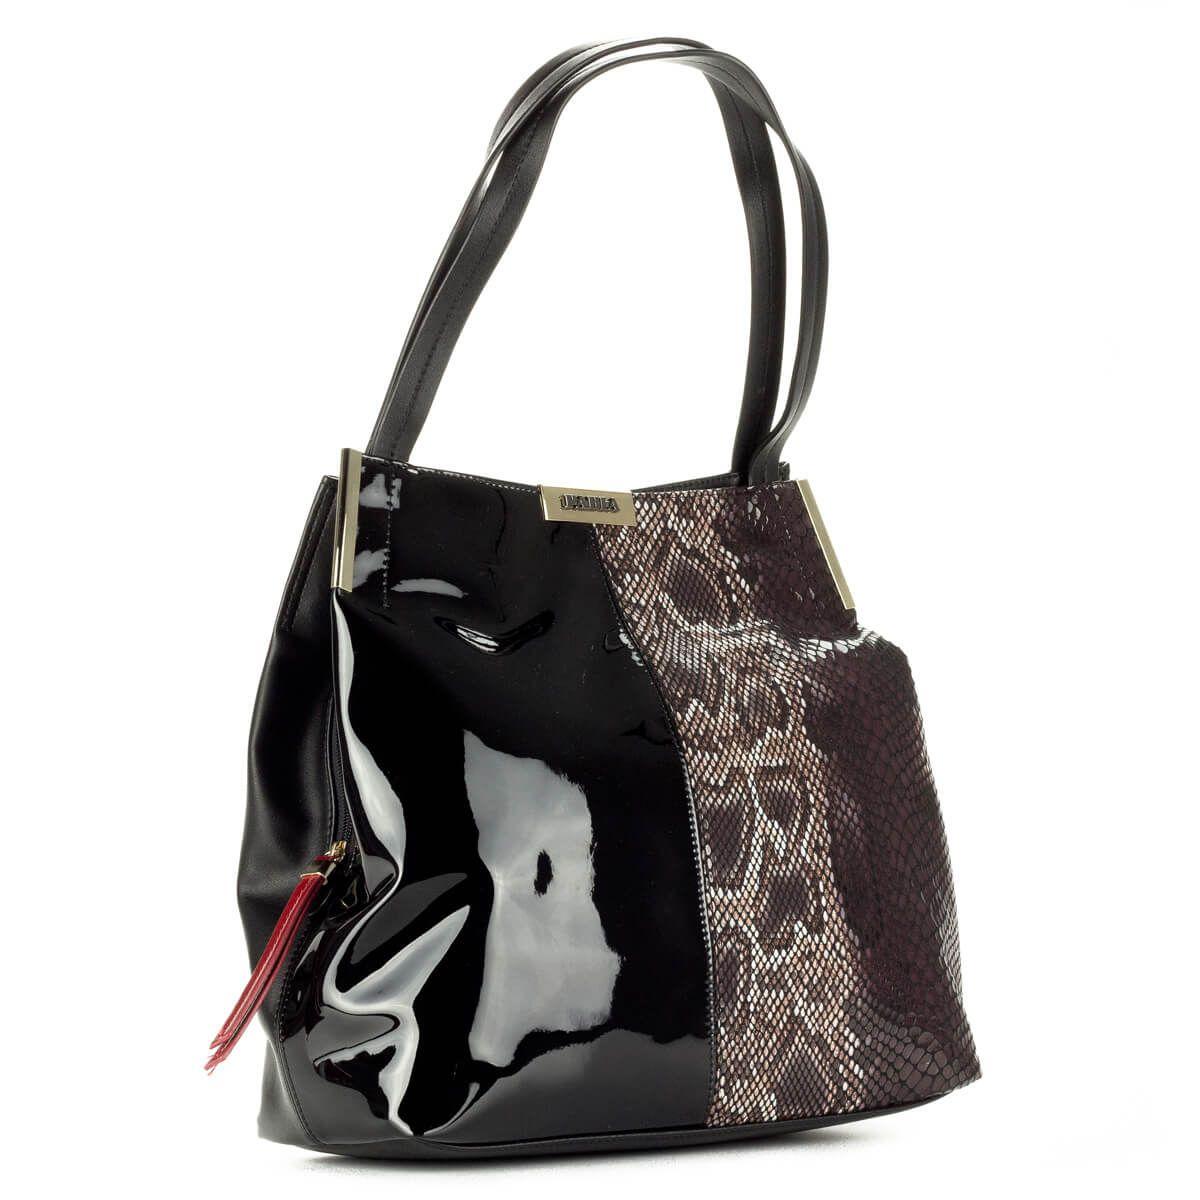 Pabia fekete + kígyómintás női táska nagy belső térrel. A nagy belsőn kívül  két kis rejtett rekeszt tartalmaz. – ChiX Női Cipő és Táska Webáruház  bags    ... beb9a90ca3